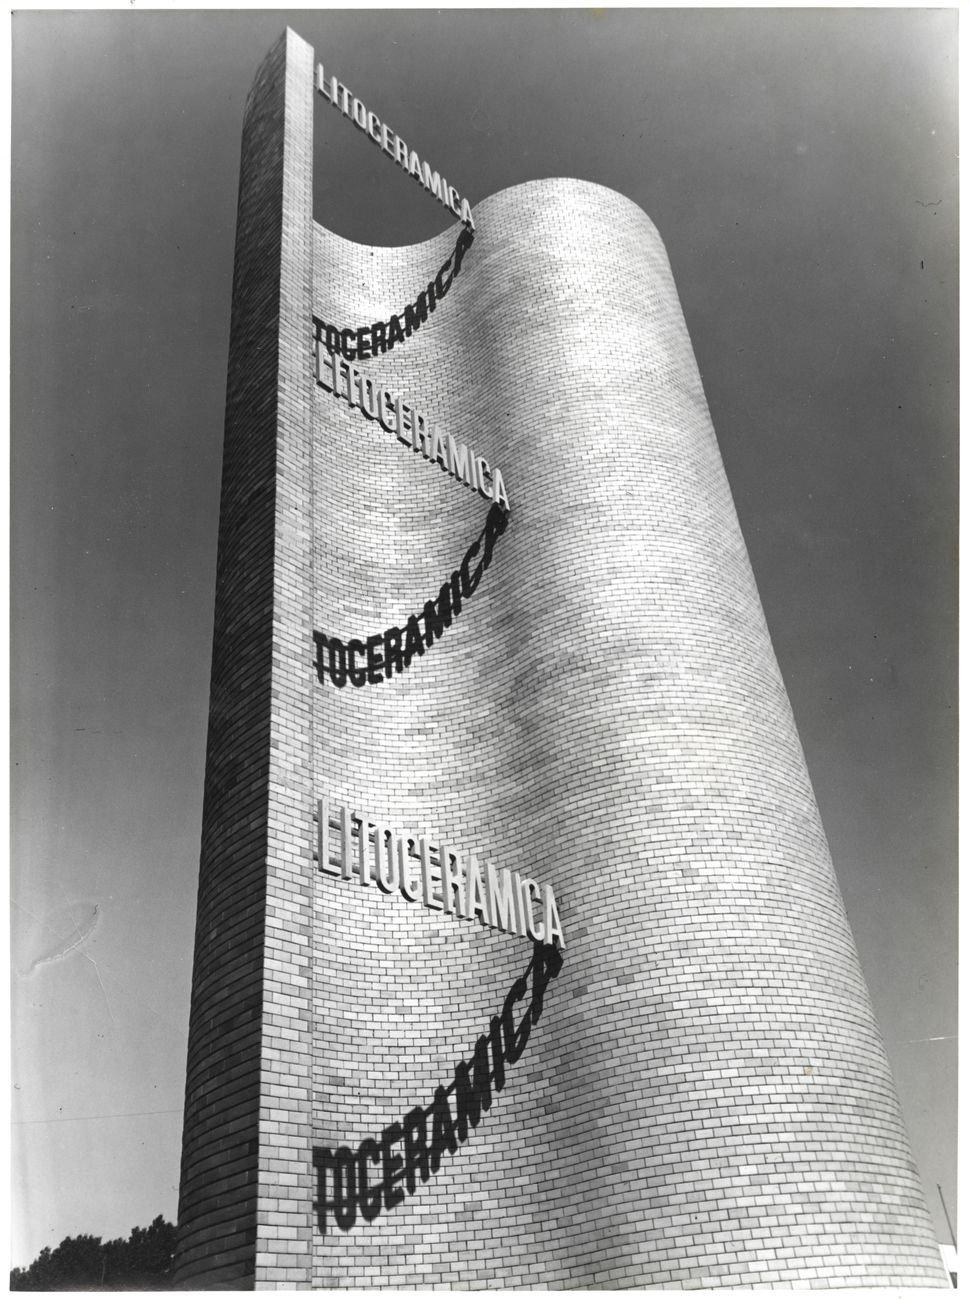 Giuseppe Pagano, Struttura a torre Litoceramica della Piccinelli ceramiche Soc. An., Fiera Campionaria di Milano, 1938. Courtesy Fondazione Fiera Milano Archivio Storico